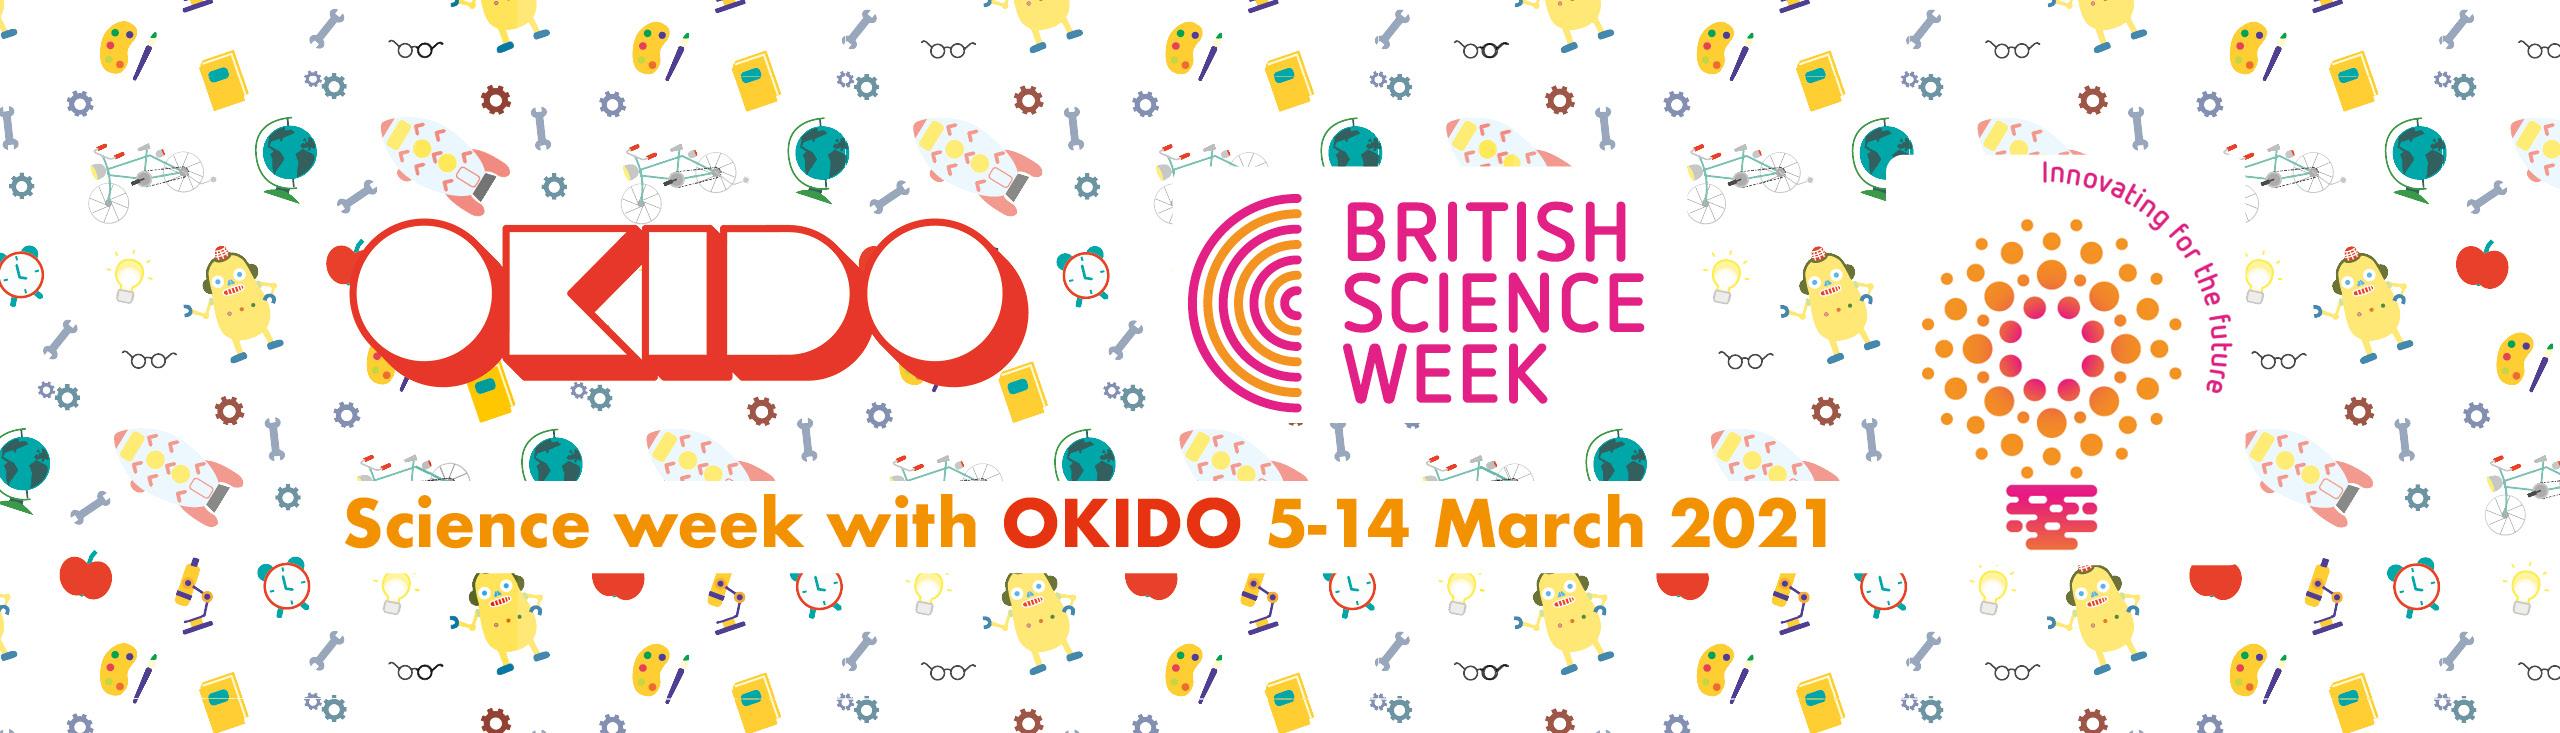 OKIDObanner-scienceweek2021